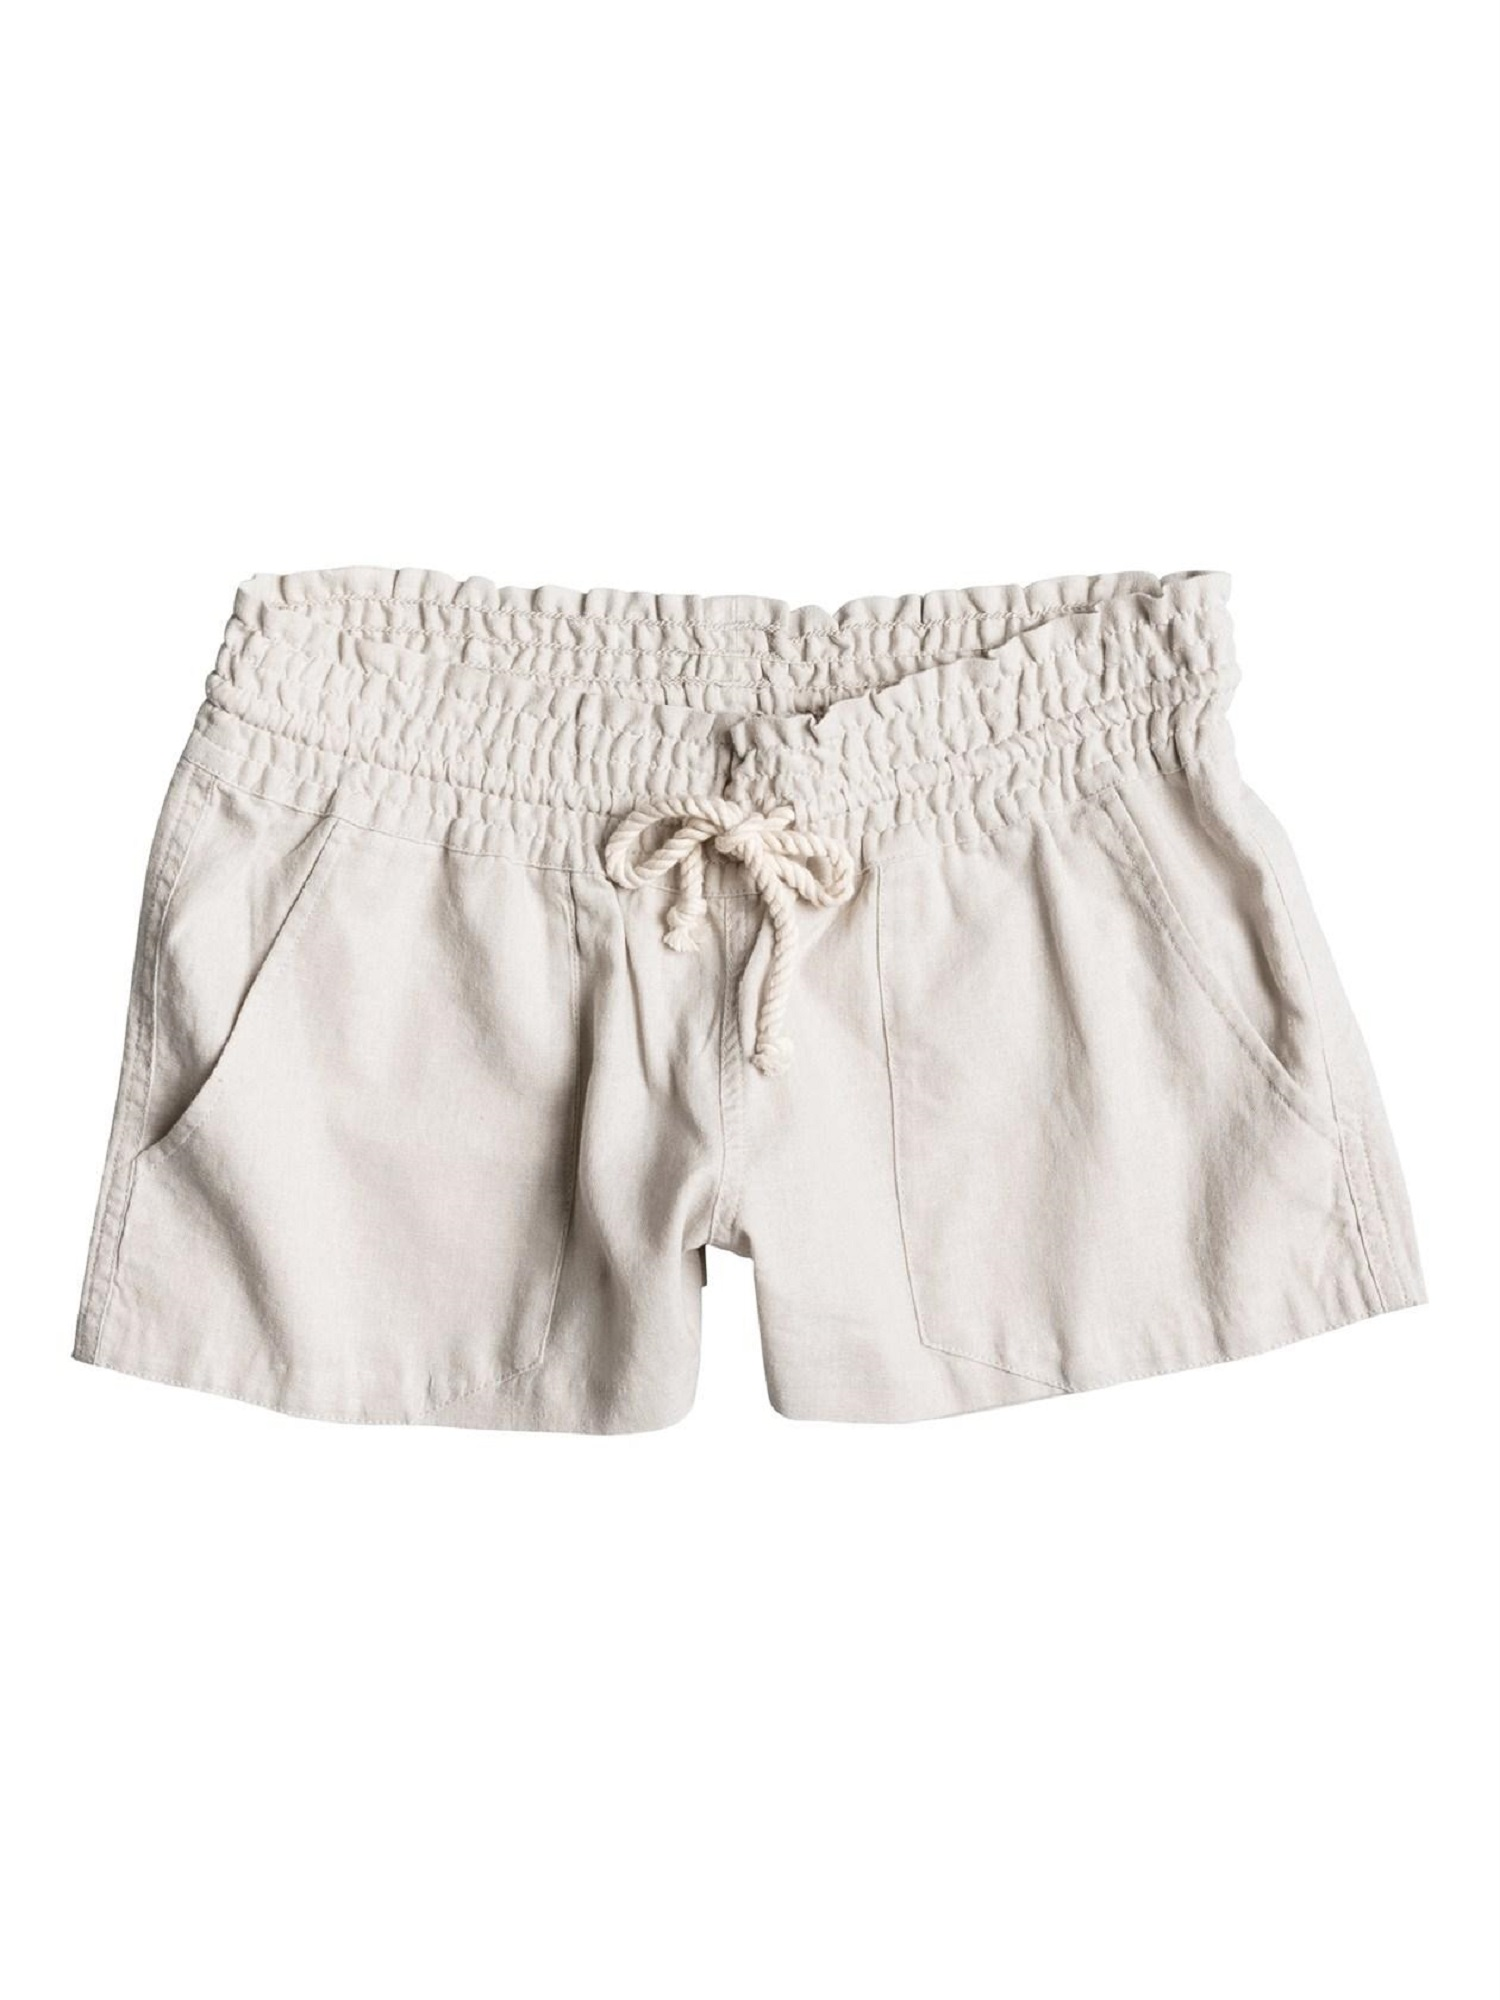 9f4f052d47 Roxy Women's Oceanside Shorts M Stone 888701270553   eBay